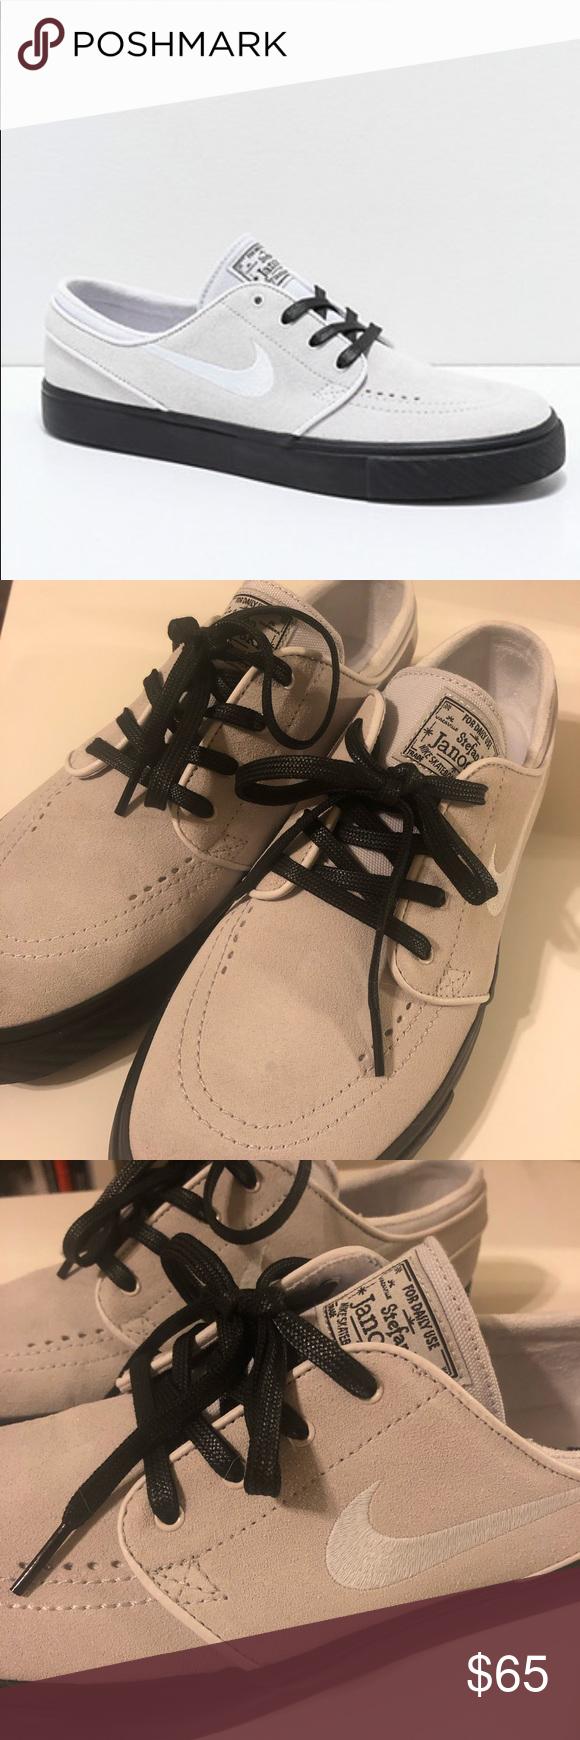 oficjalna strona Najlepsze miejsce dostać nowe NEW Nike SB Janoski never worn. men's 10 Nike Shoes Sneakers ...